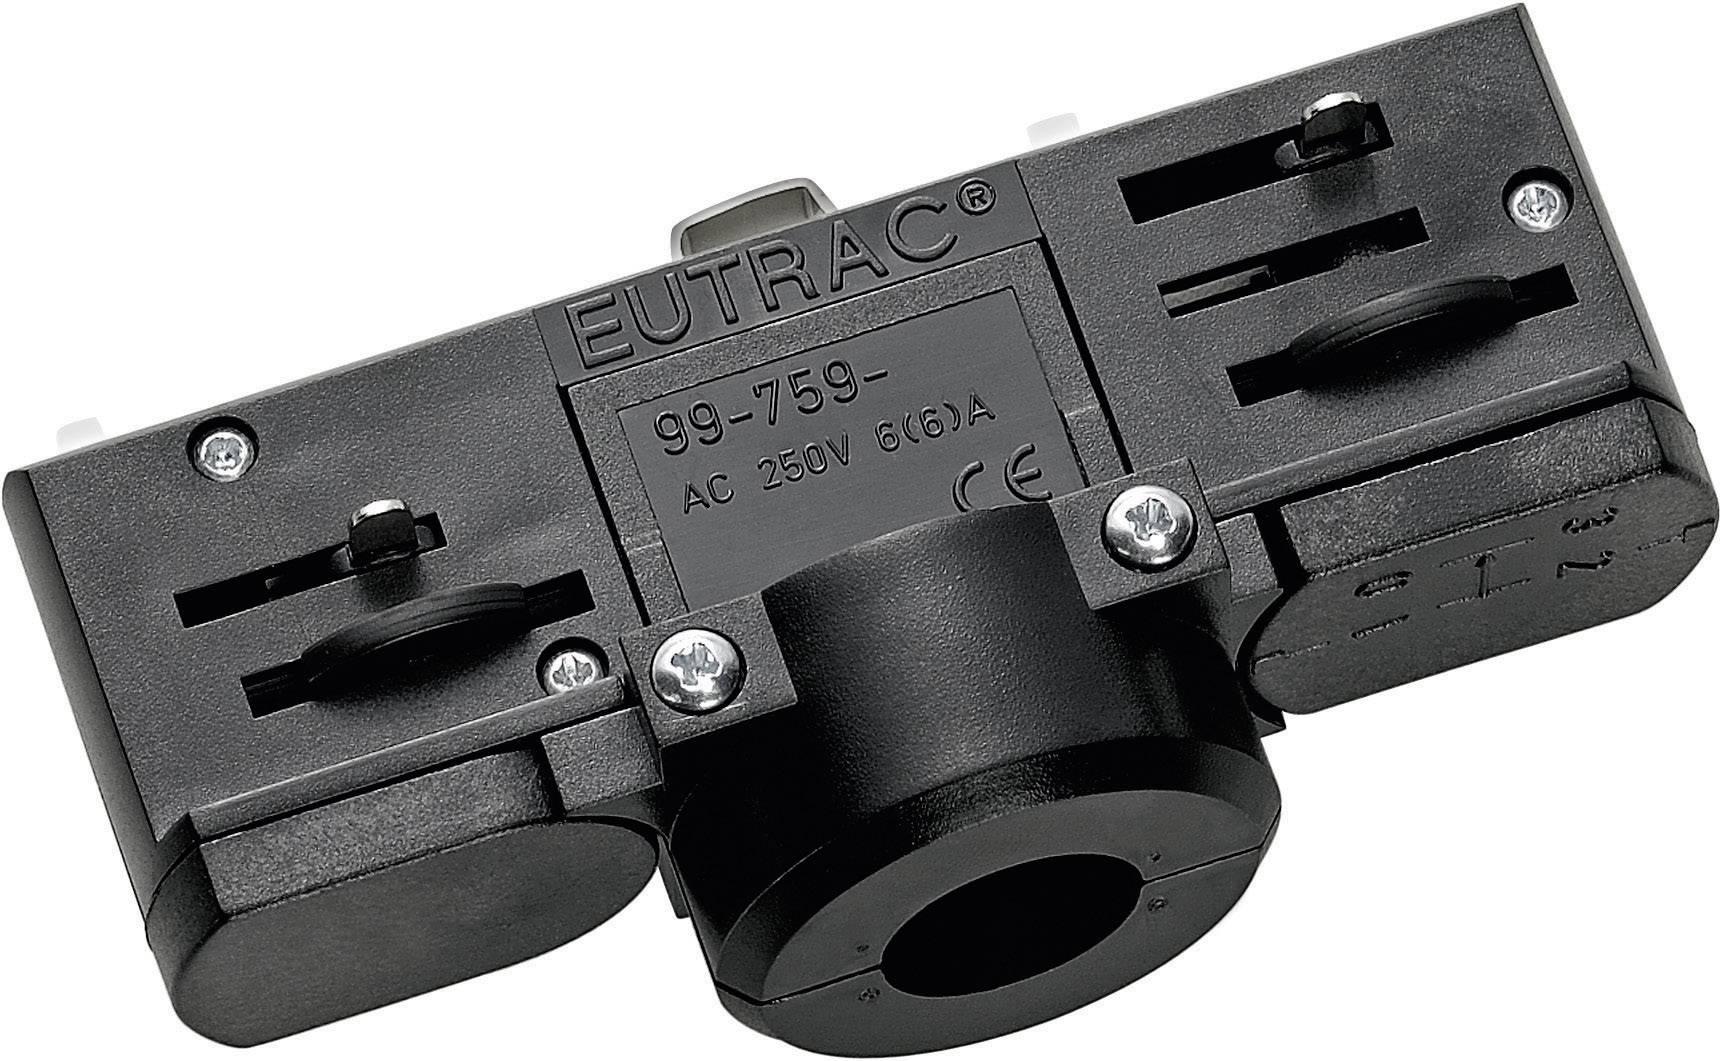 Adaptér lišty - vysokonapäť. komponent pre lištové systémy Eutrac 145994, striebornosivá